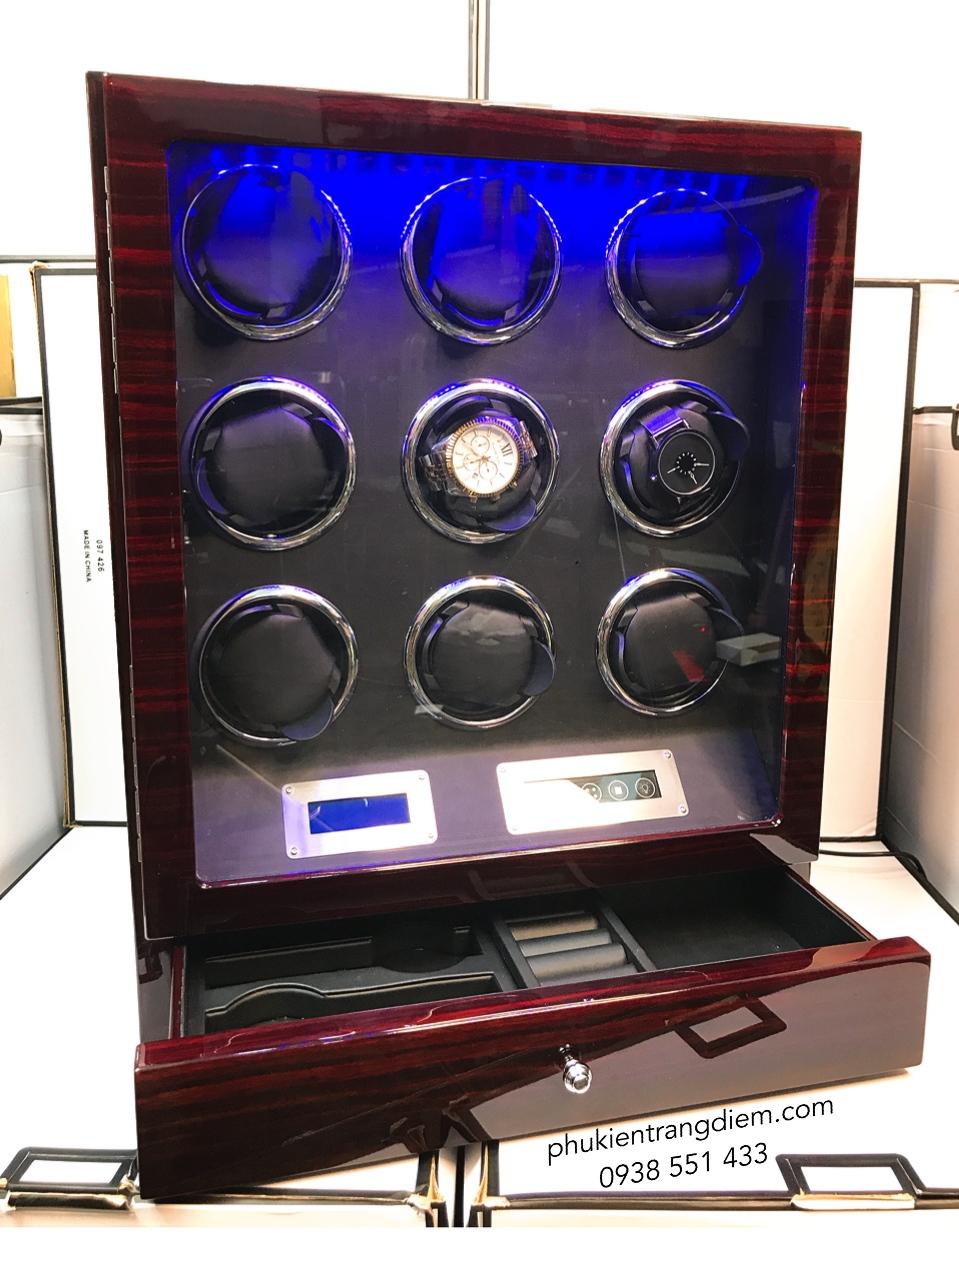 tủ hộp lắc đựng đồng hồ cơ nhiều ngăn xoay cao cấp giá rẻ